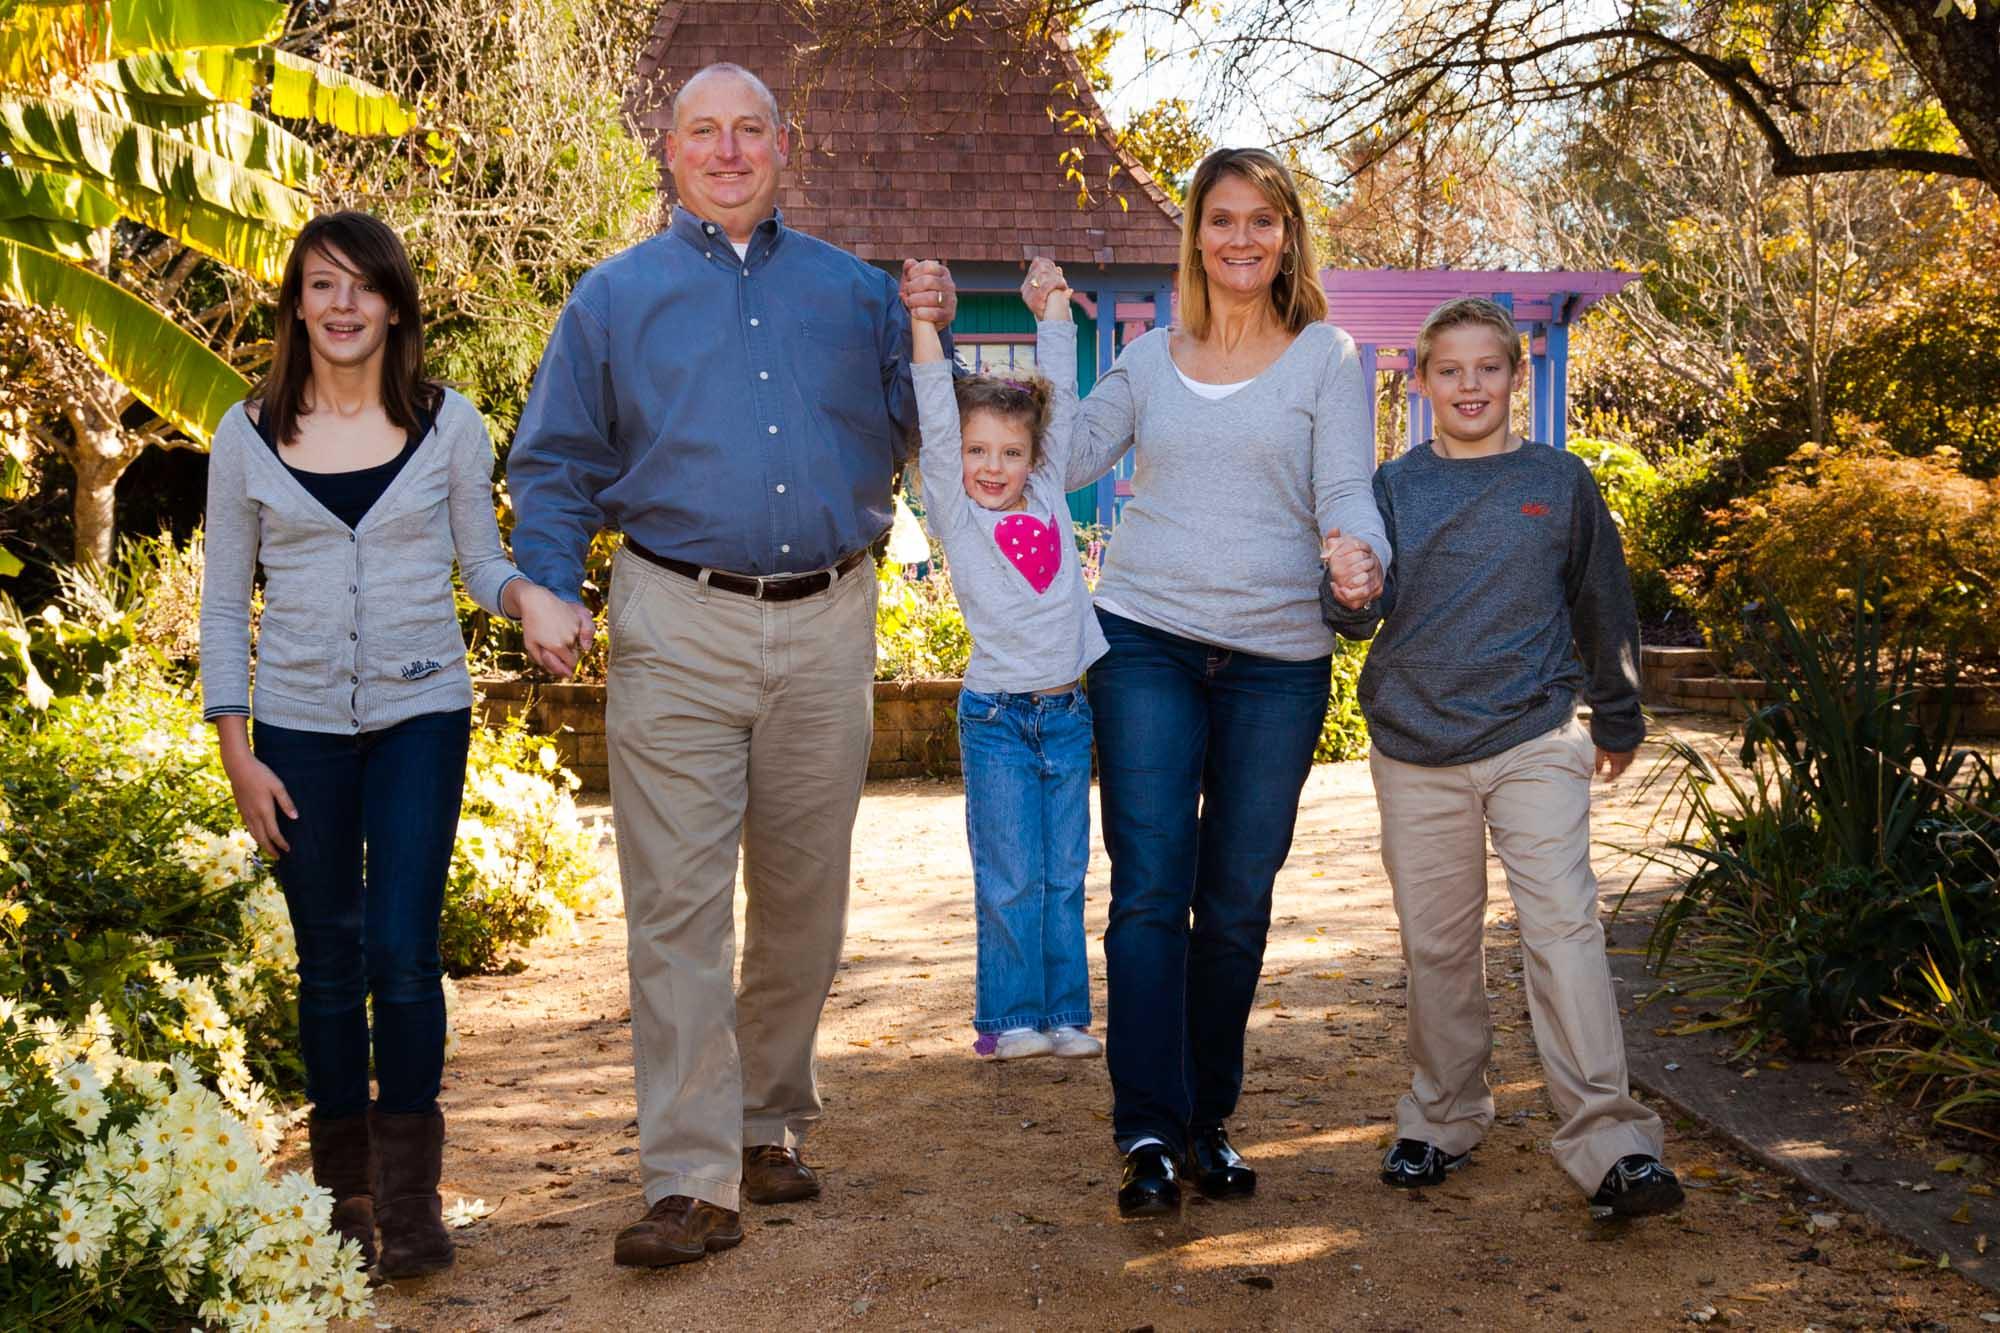 241-Manganero Family.jpg